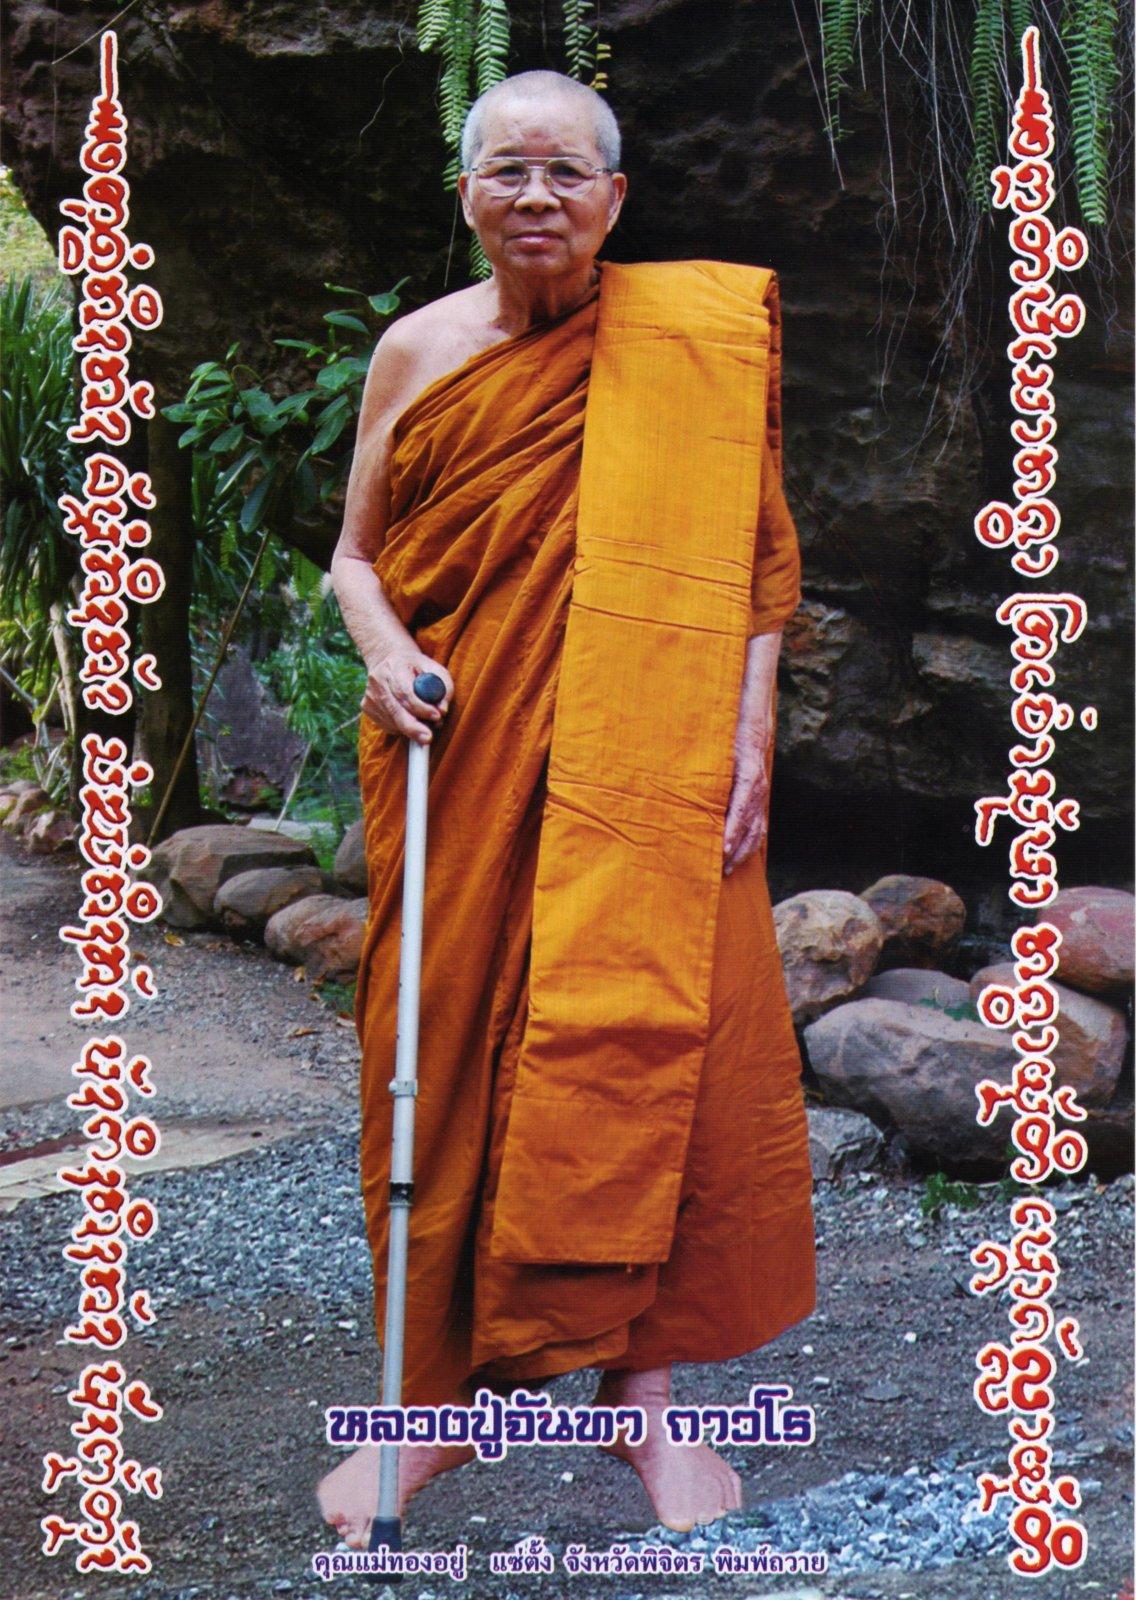 LpJantaThavaro.jpg